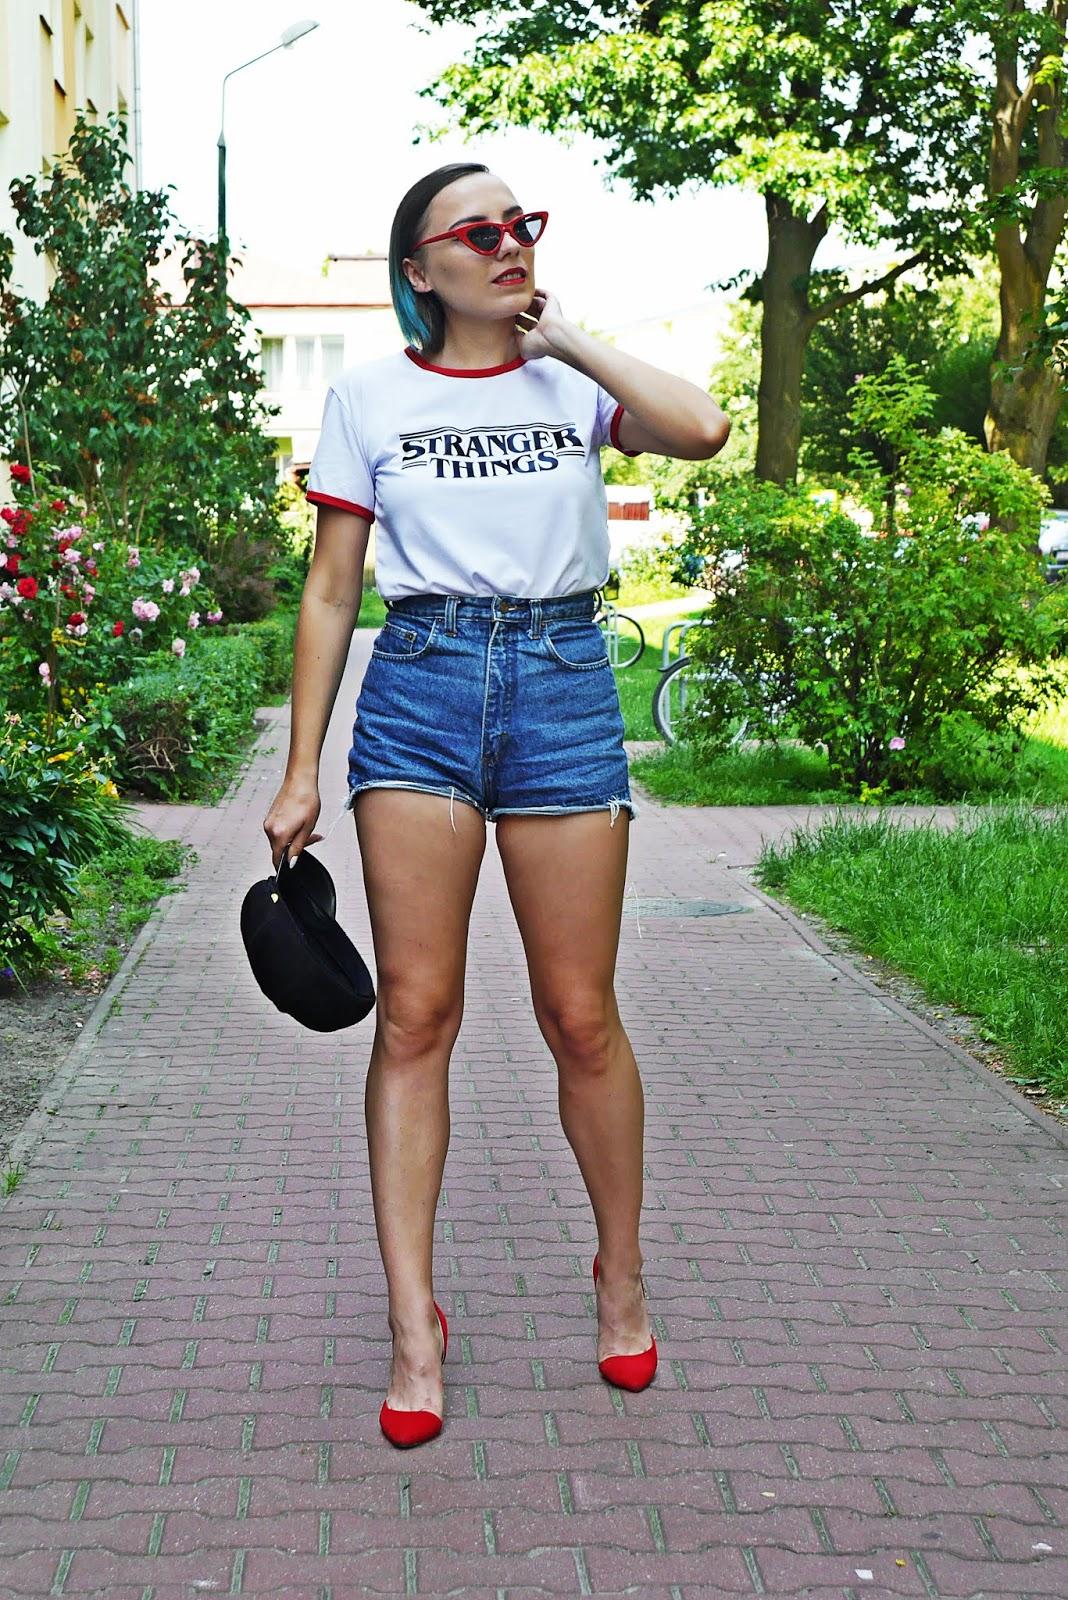 2_stranger_things_t-shirt_szorty_z-wysokim_stanem_czerwone_okulary_trojkaty_karyn_blog_modowy_040618